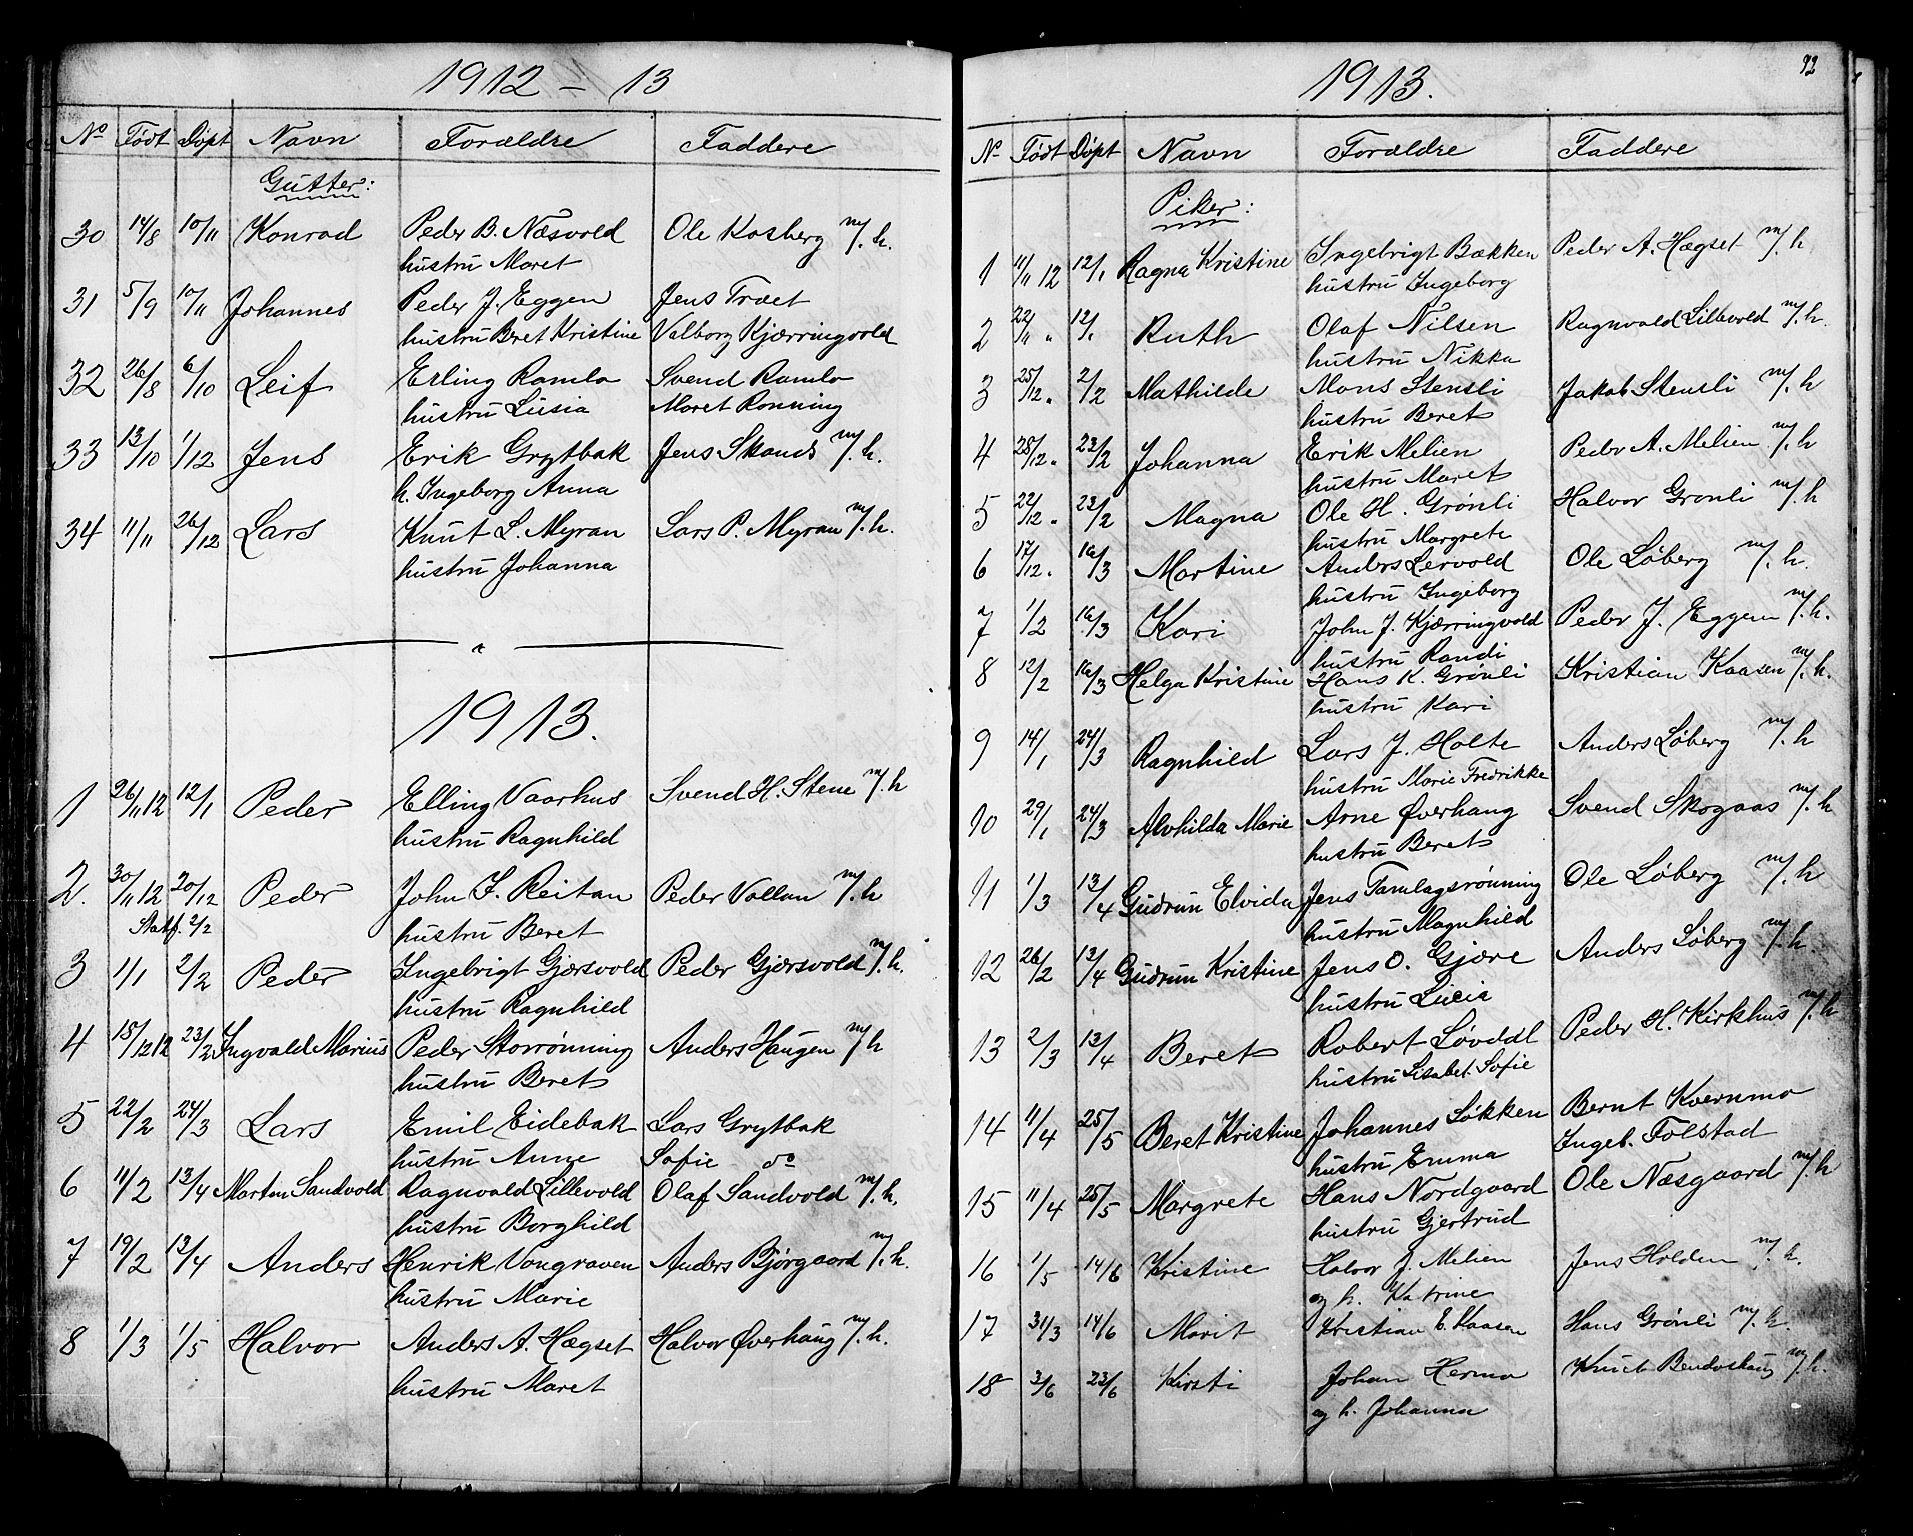 SAT, Ministerialprotokoller, klokkerbøker og fødselsregistre - Sør-Trøndelag, 686/L0985: Klokkerbok nr. 686C01, 1871-1933, s. 92